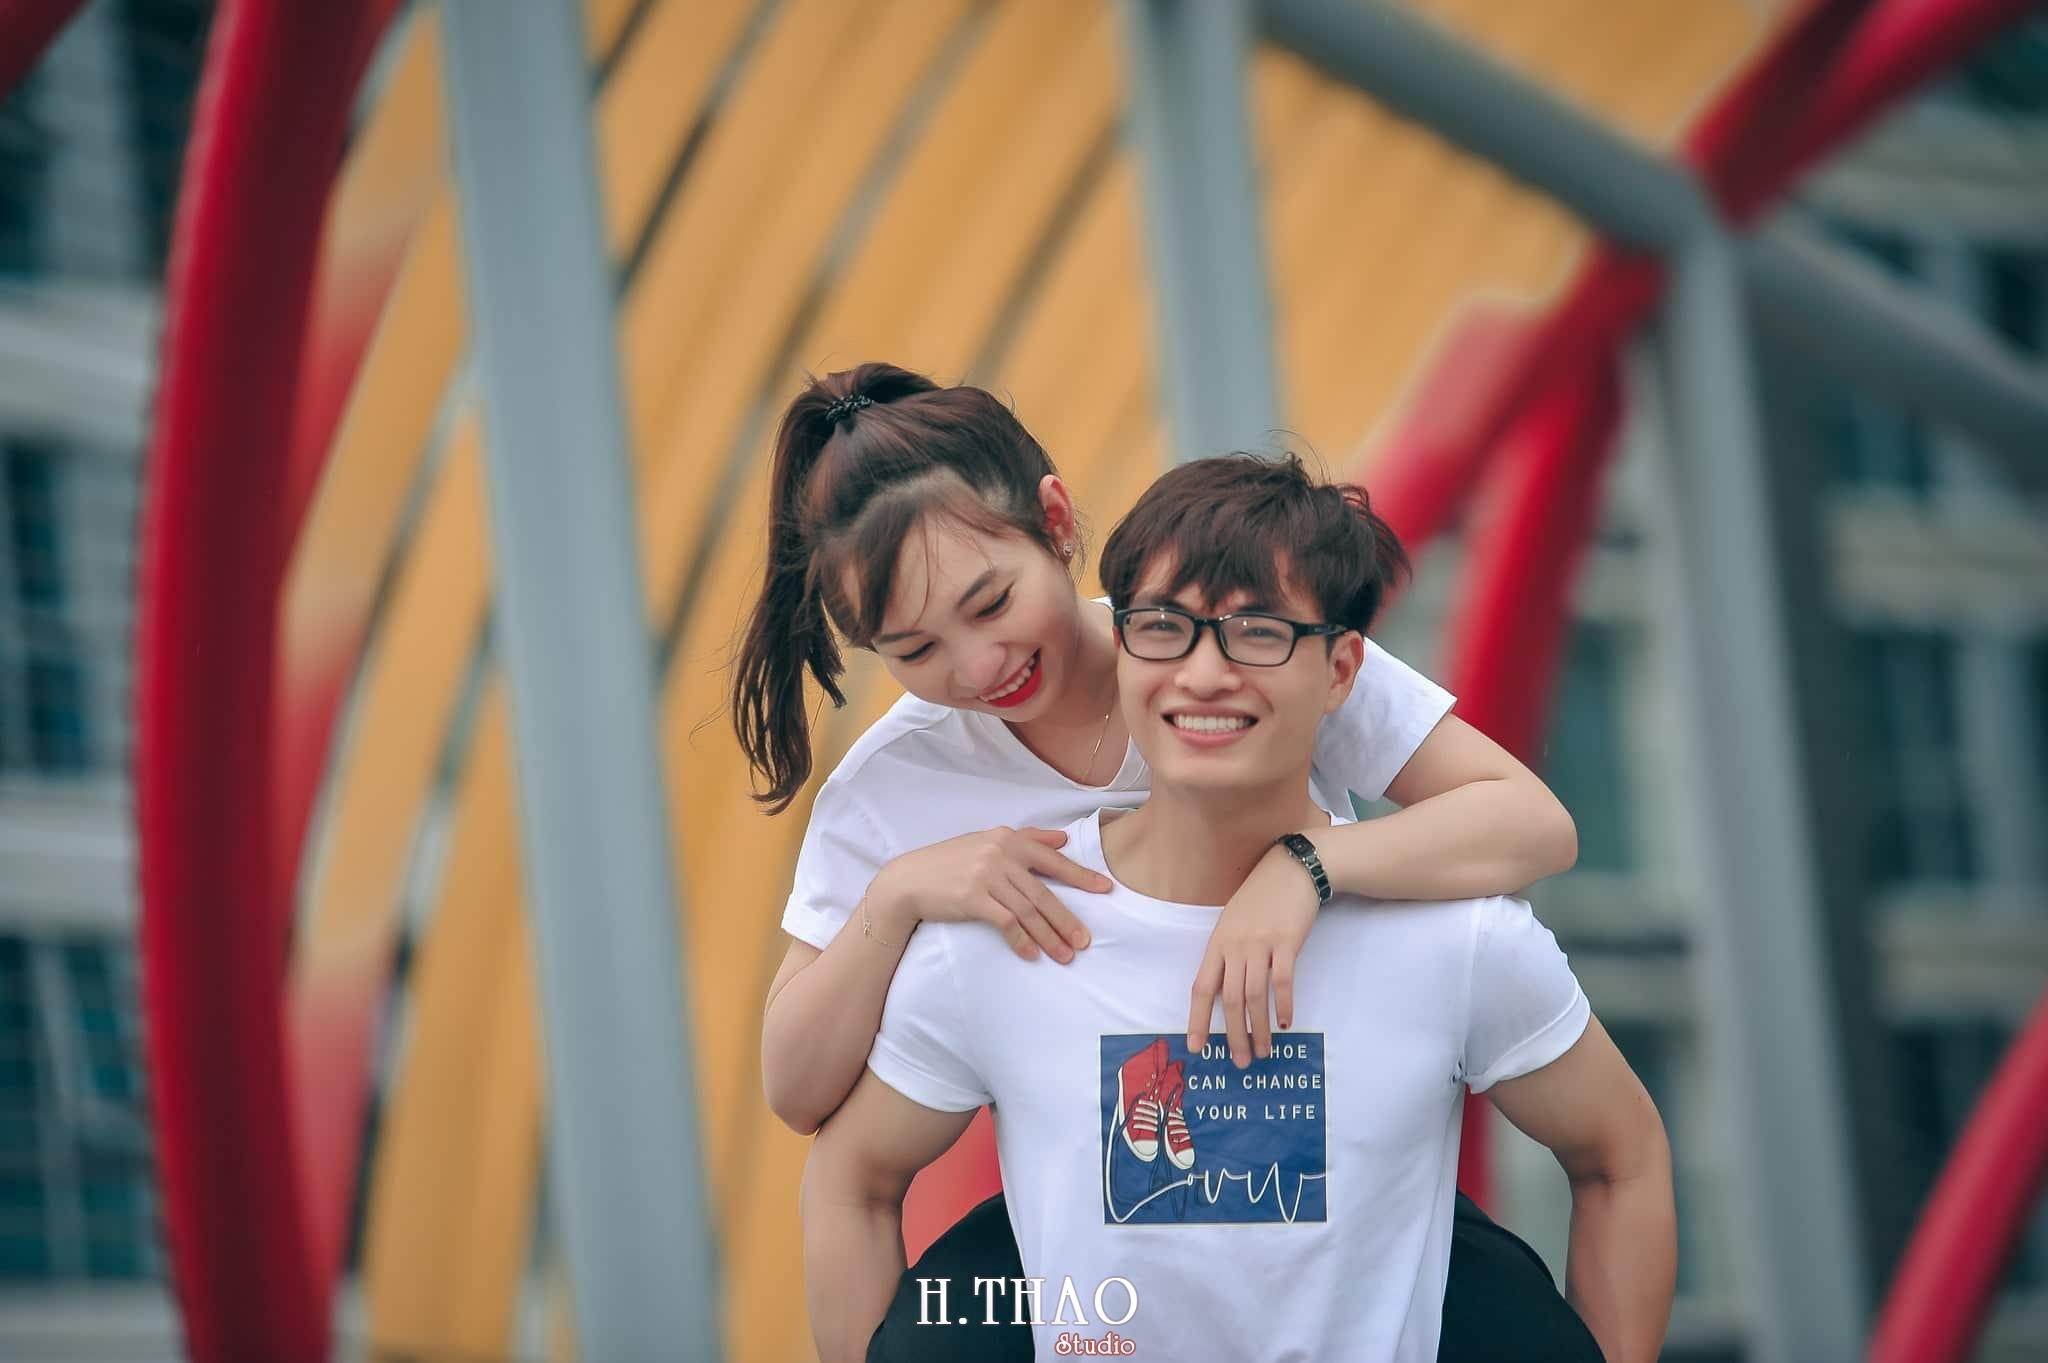 Anh couple sieu de thuong 7 - Chụp ảnh Couple dễ thương tại thành phố Hồ Chí Minh